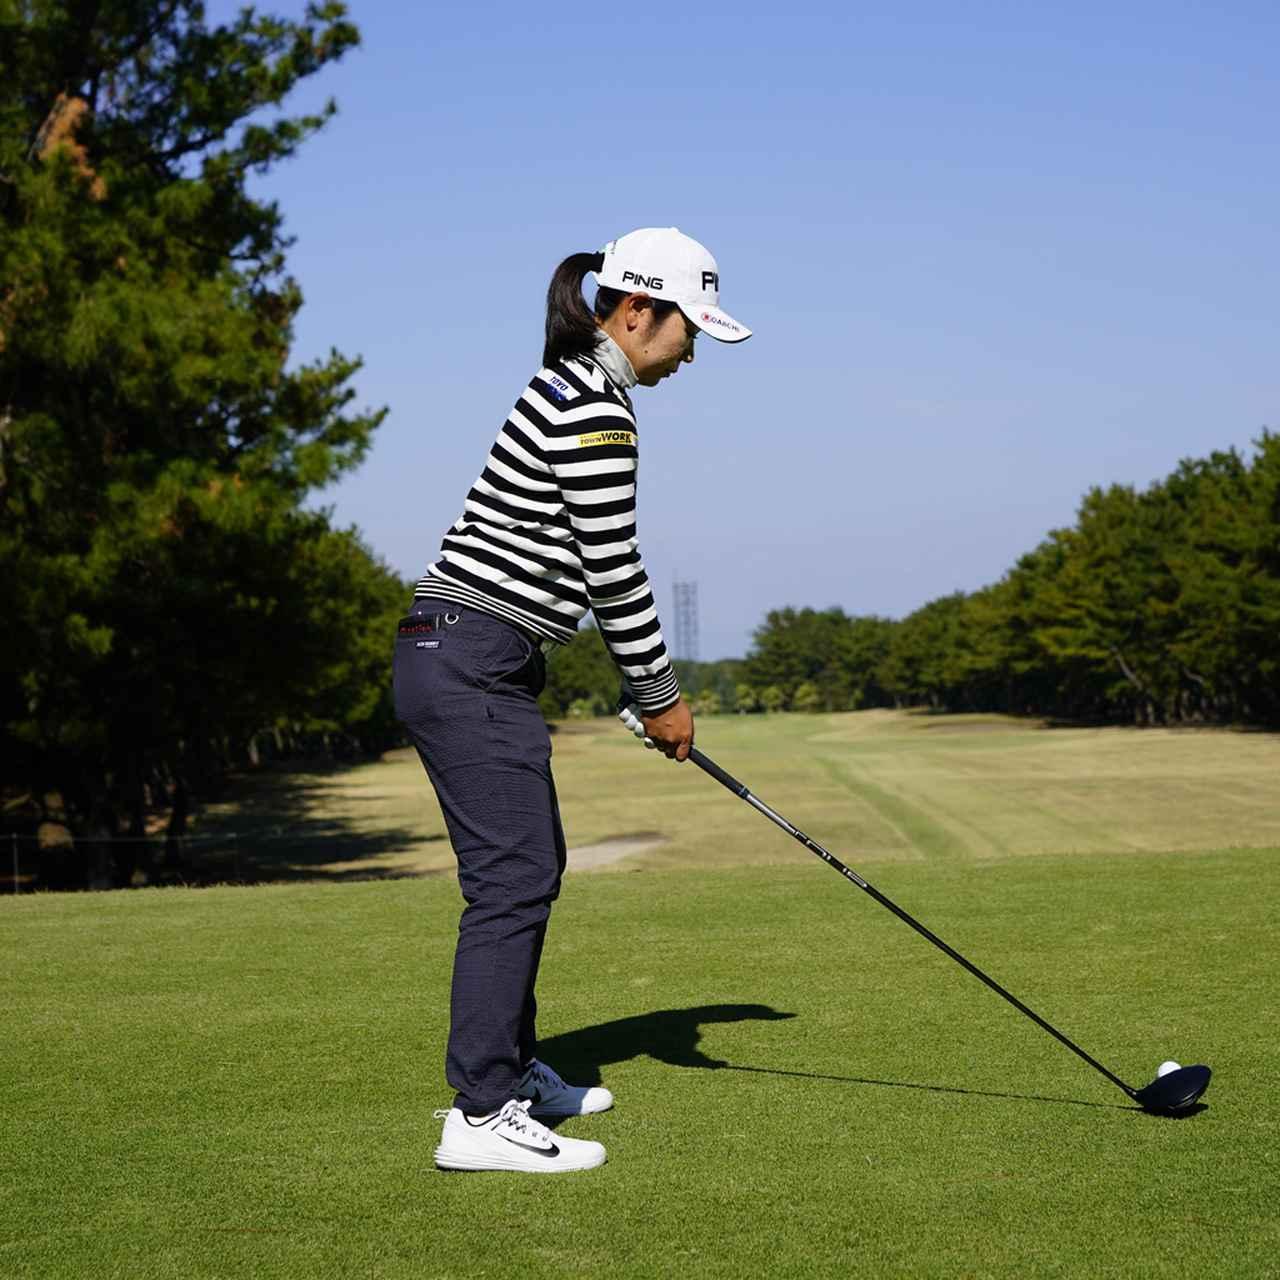 画像1: 【比嘉真美子】女子プロが選んだベストドライバースウィング。右足の踏ん張り、左足の壁、パーフェクトフットワーク!